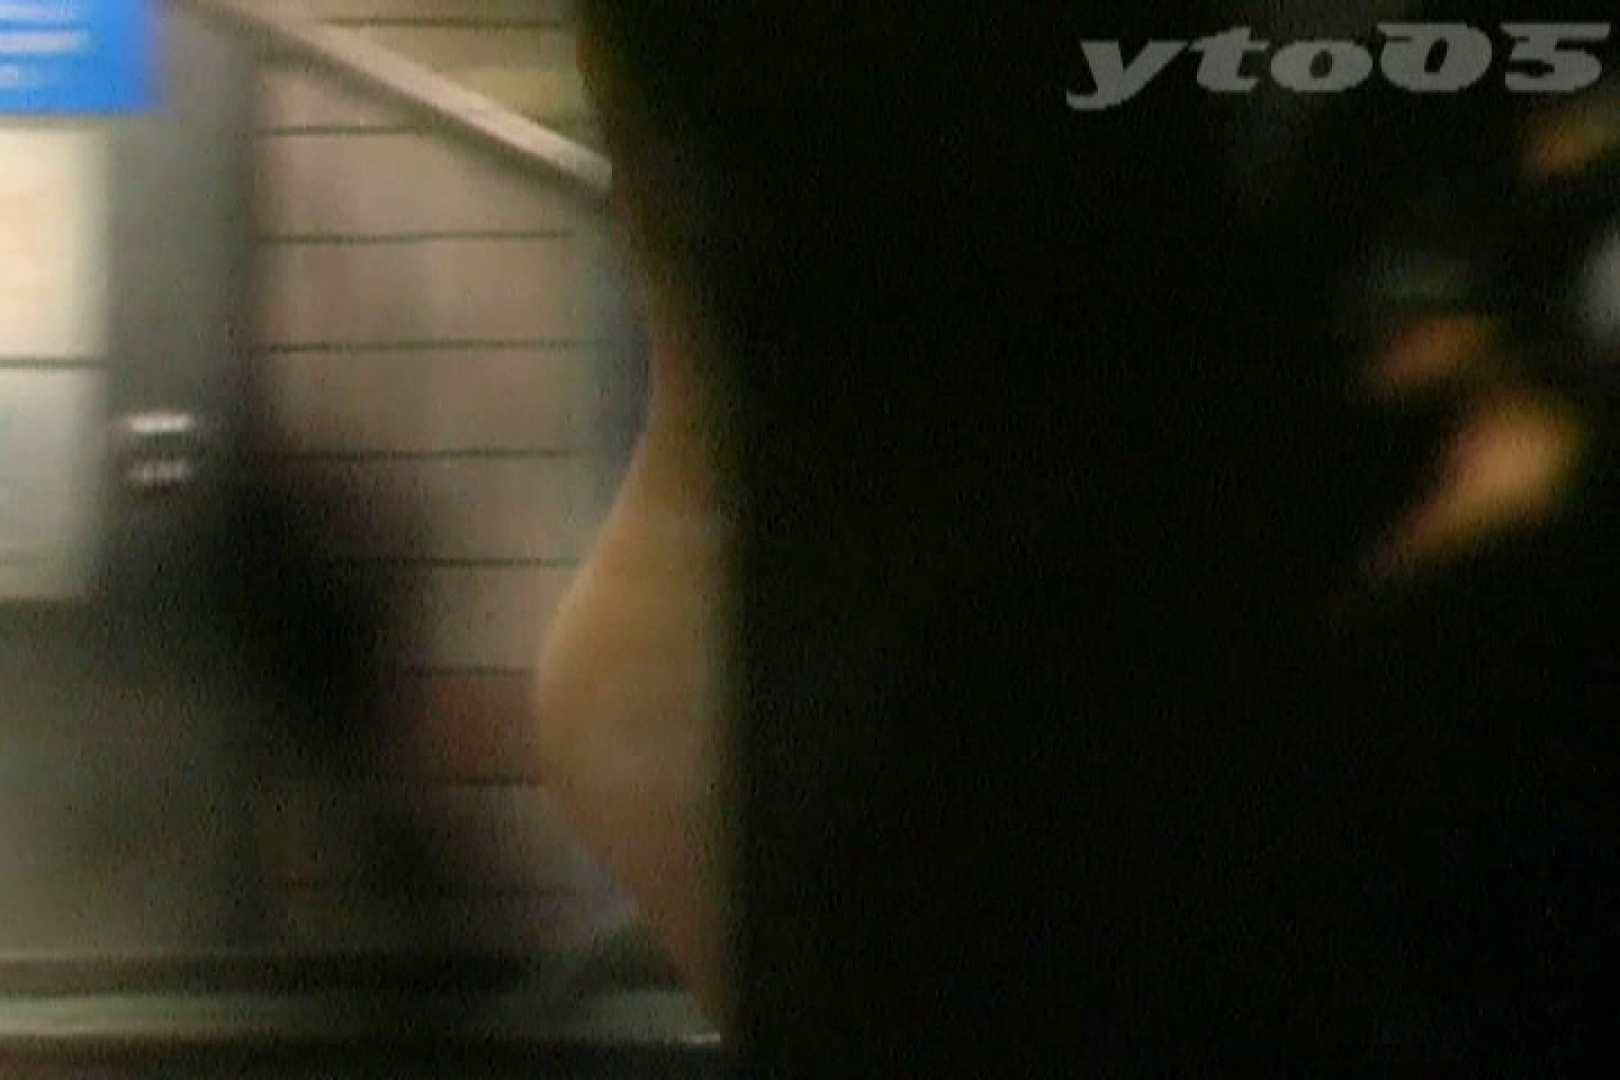 ▲復活限定▲合宿ホテル女風呂盗撮 Vol.27 OLの実態 | 女風呂  99pic 73